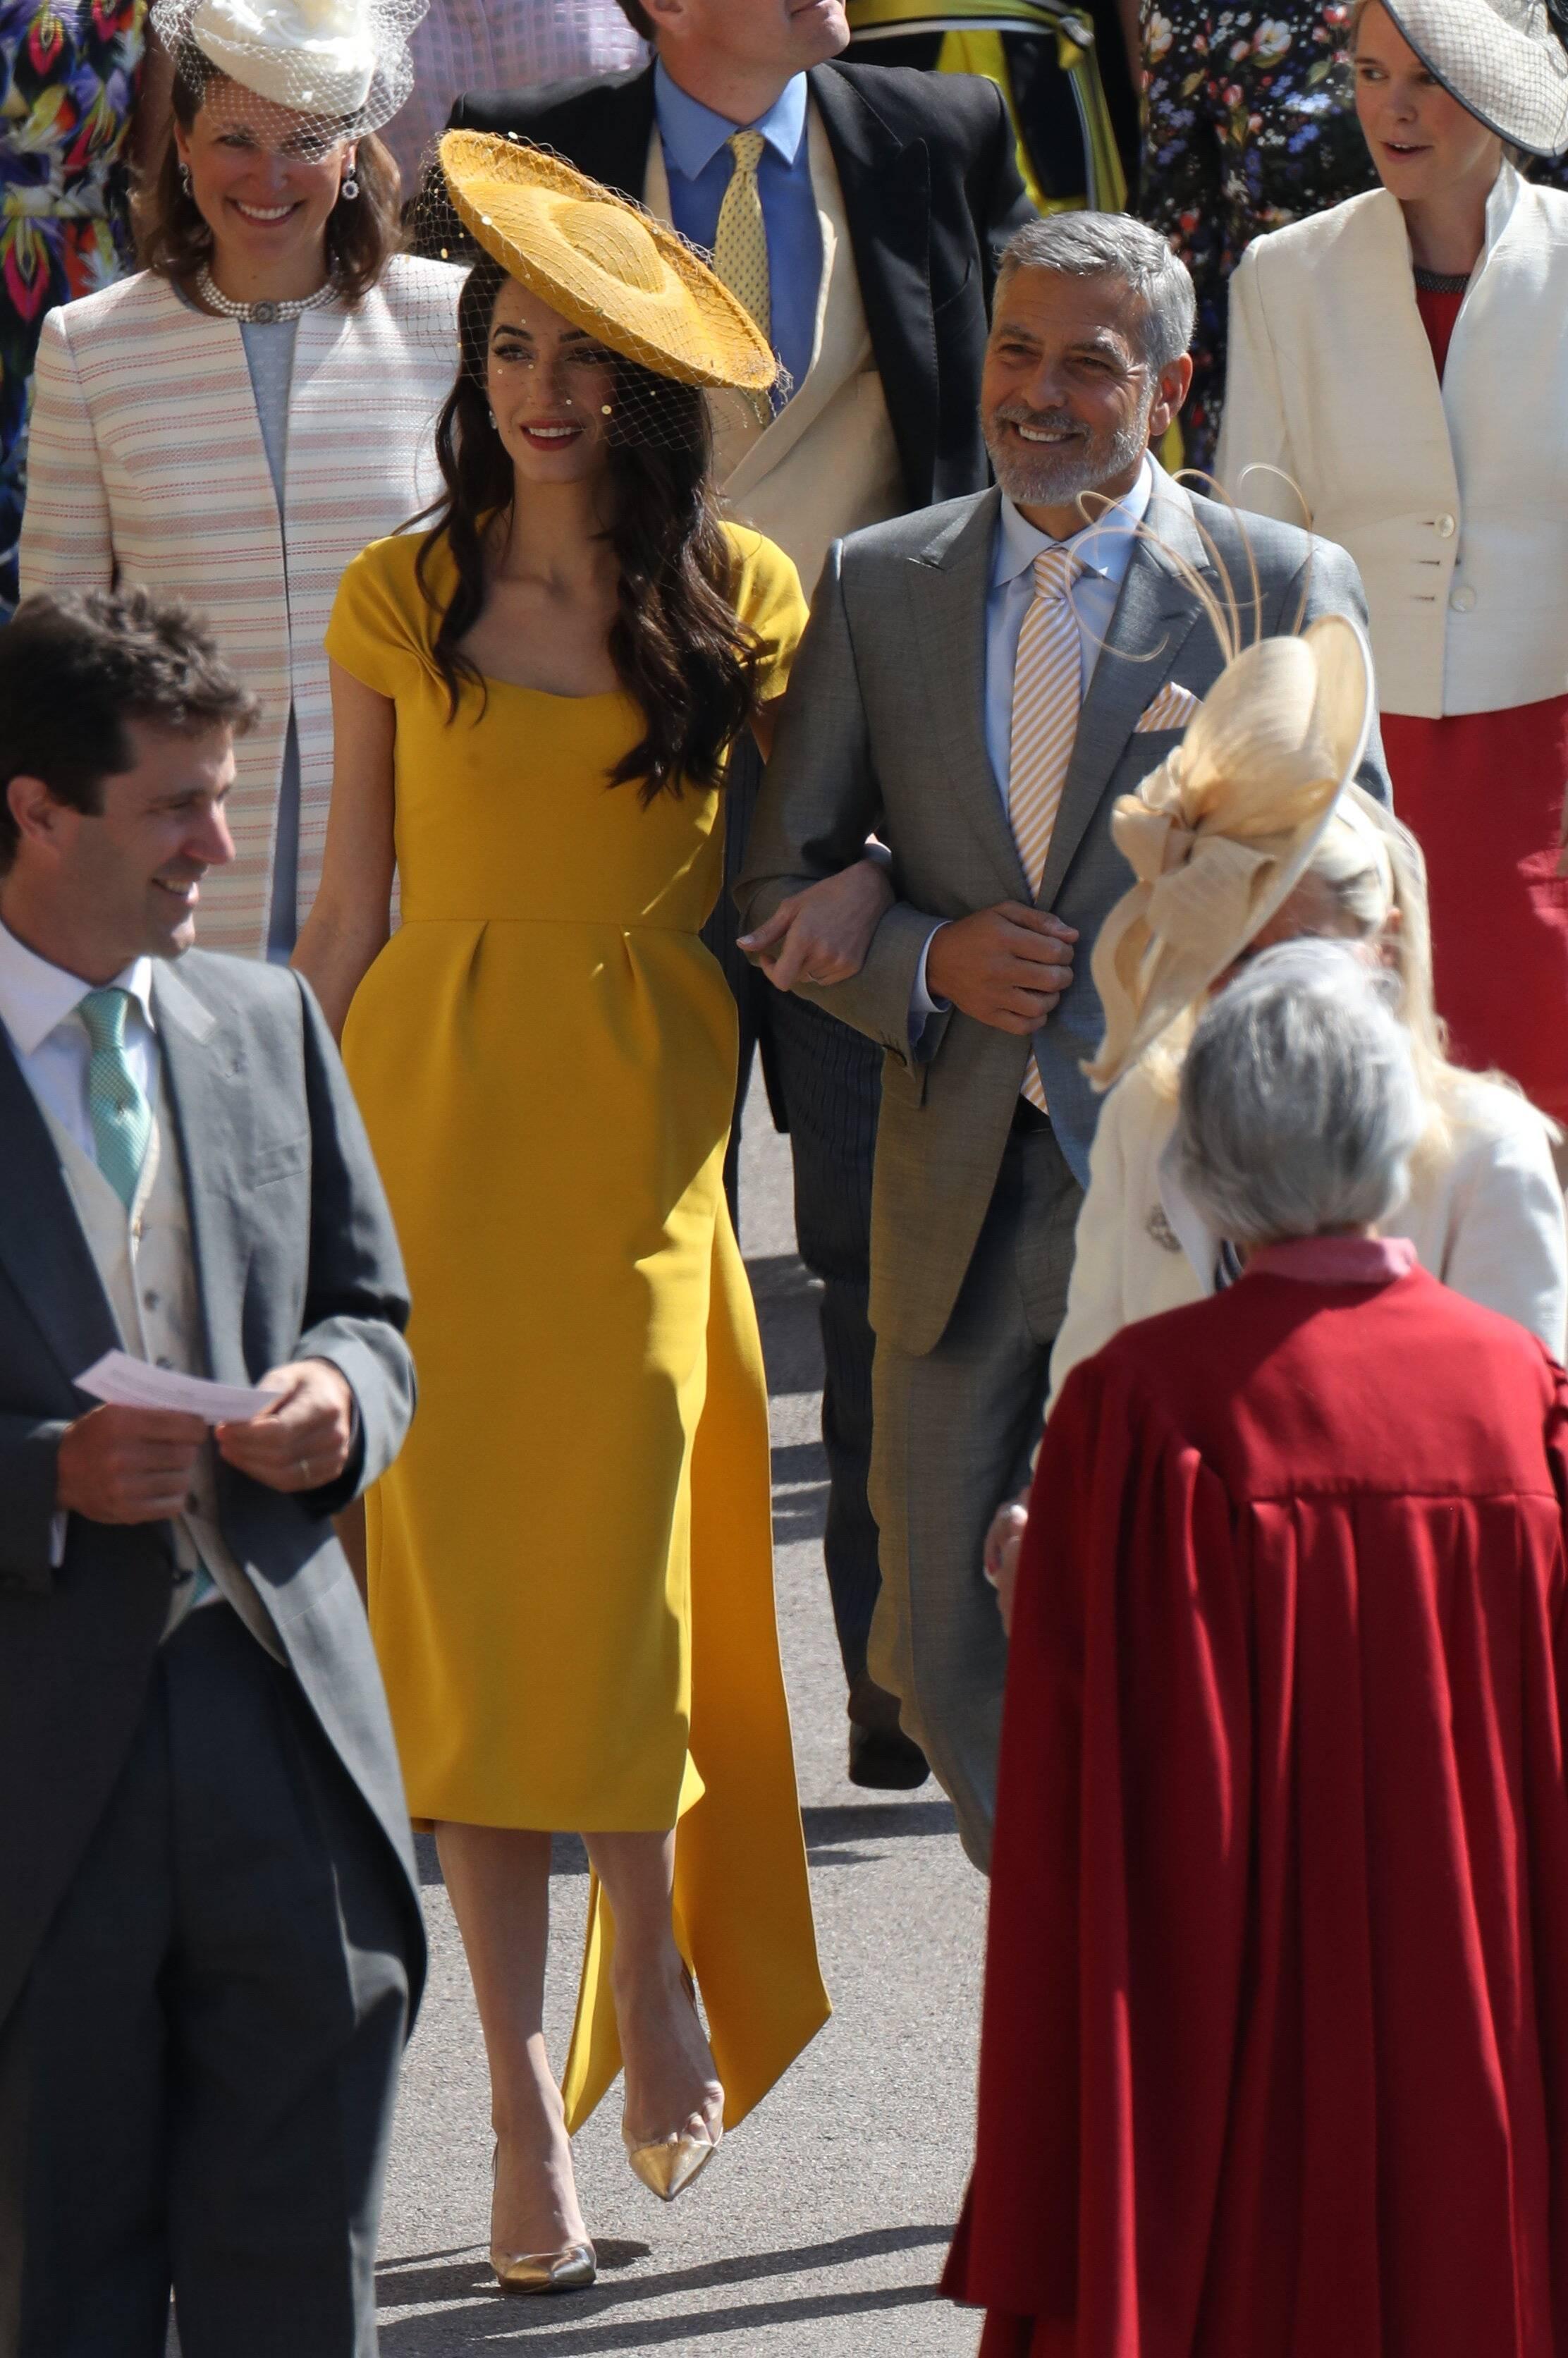 Fein Brautjunferkleider Lafayette La Ideen - Hochzeit Kleid Stile ...